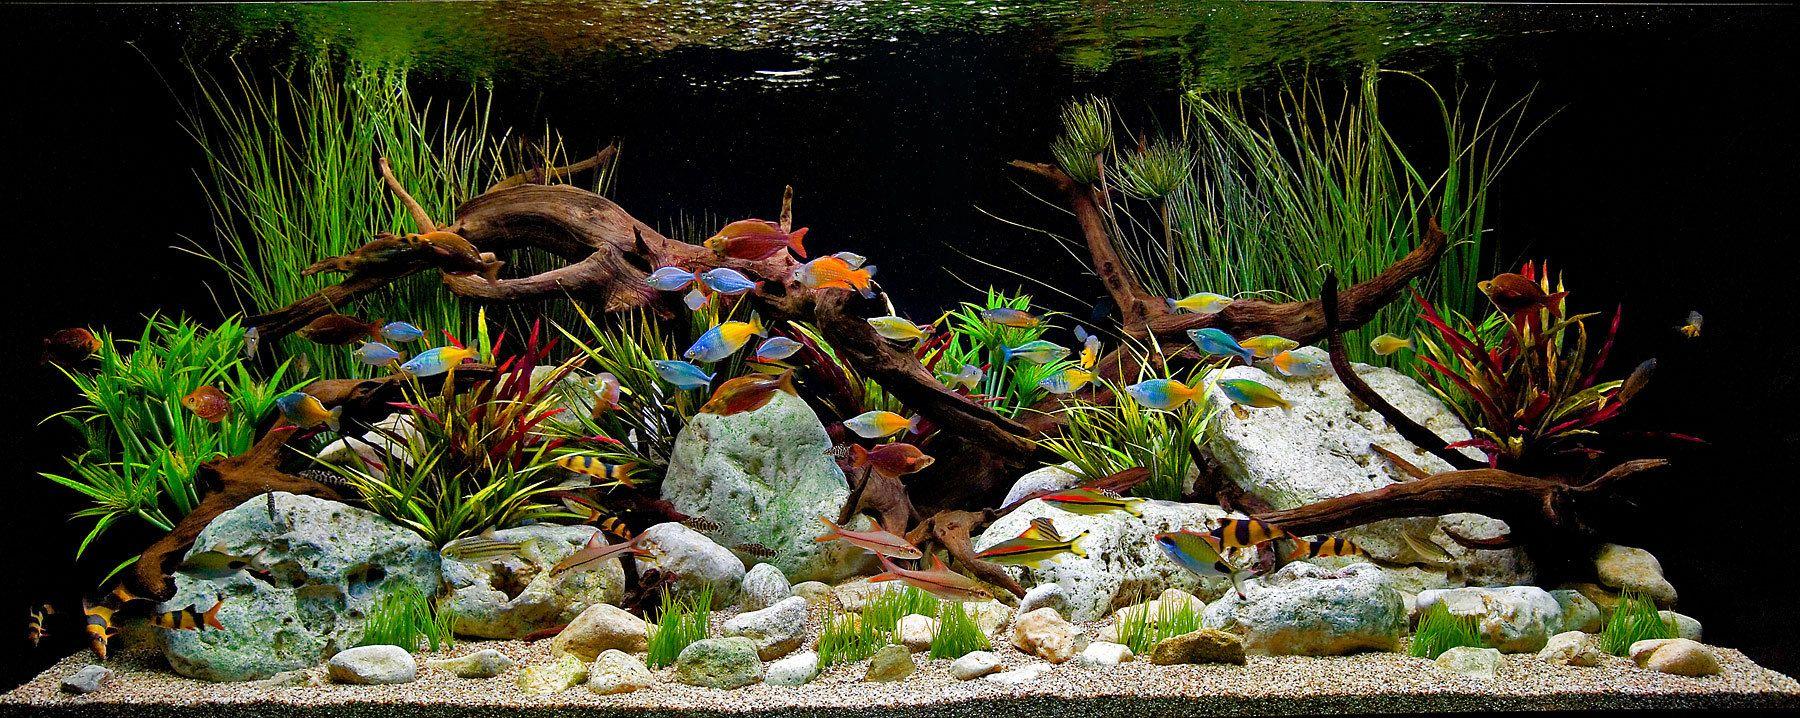 24 best ideas about fresh water tank ideas on pinterestfish